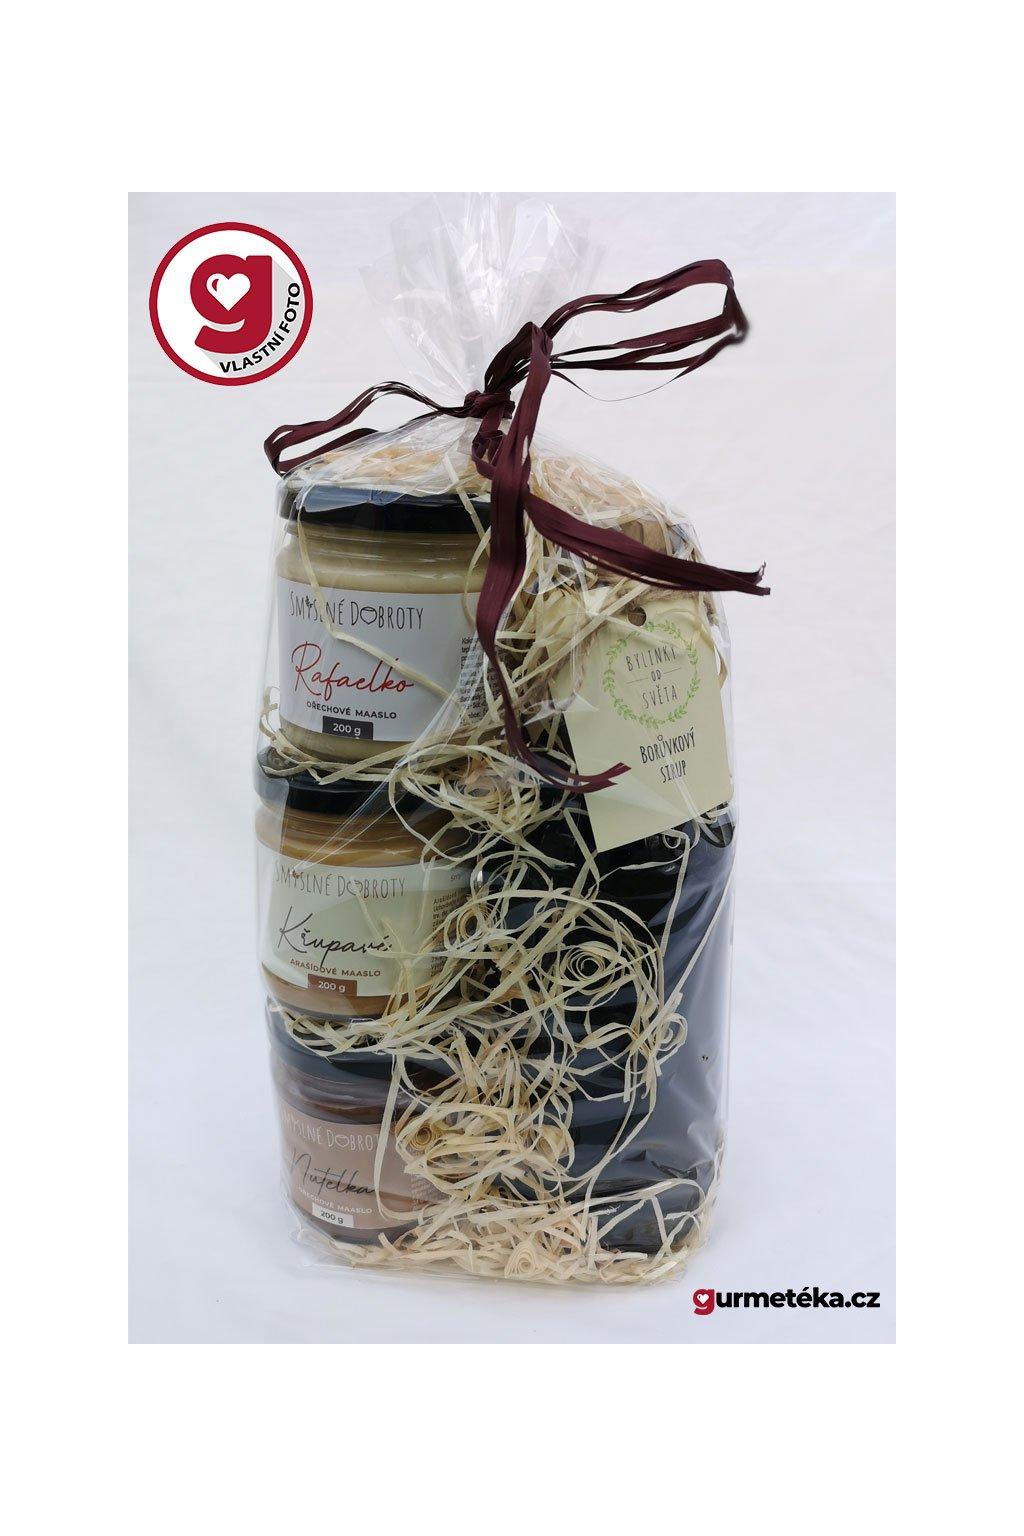 Dárkový balíčekRafaelko křupavé arašídové Nutelka Borůvkový sirup